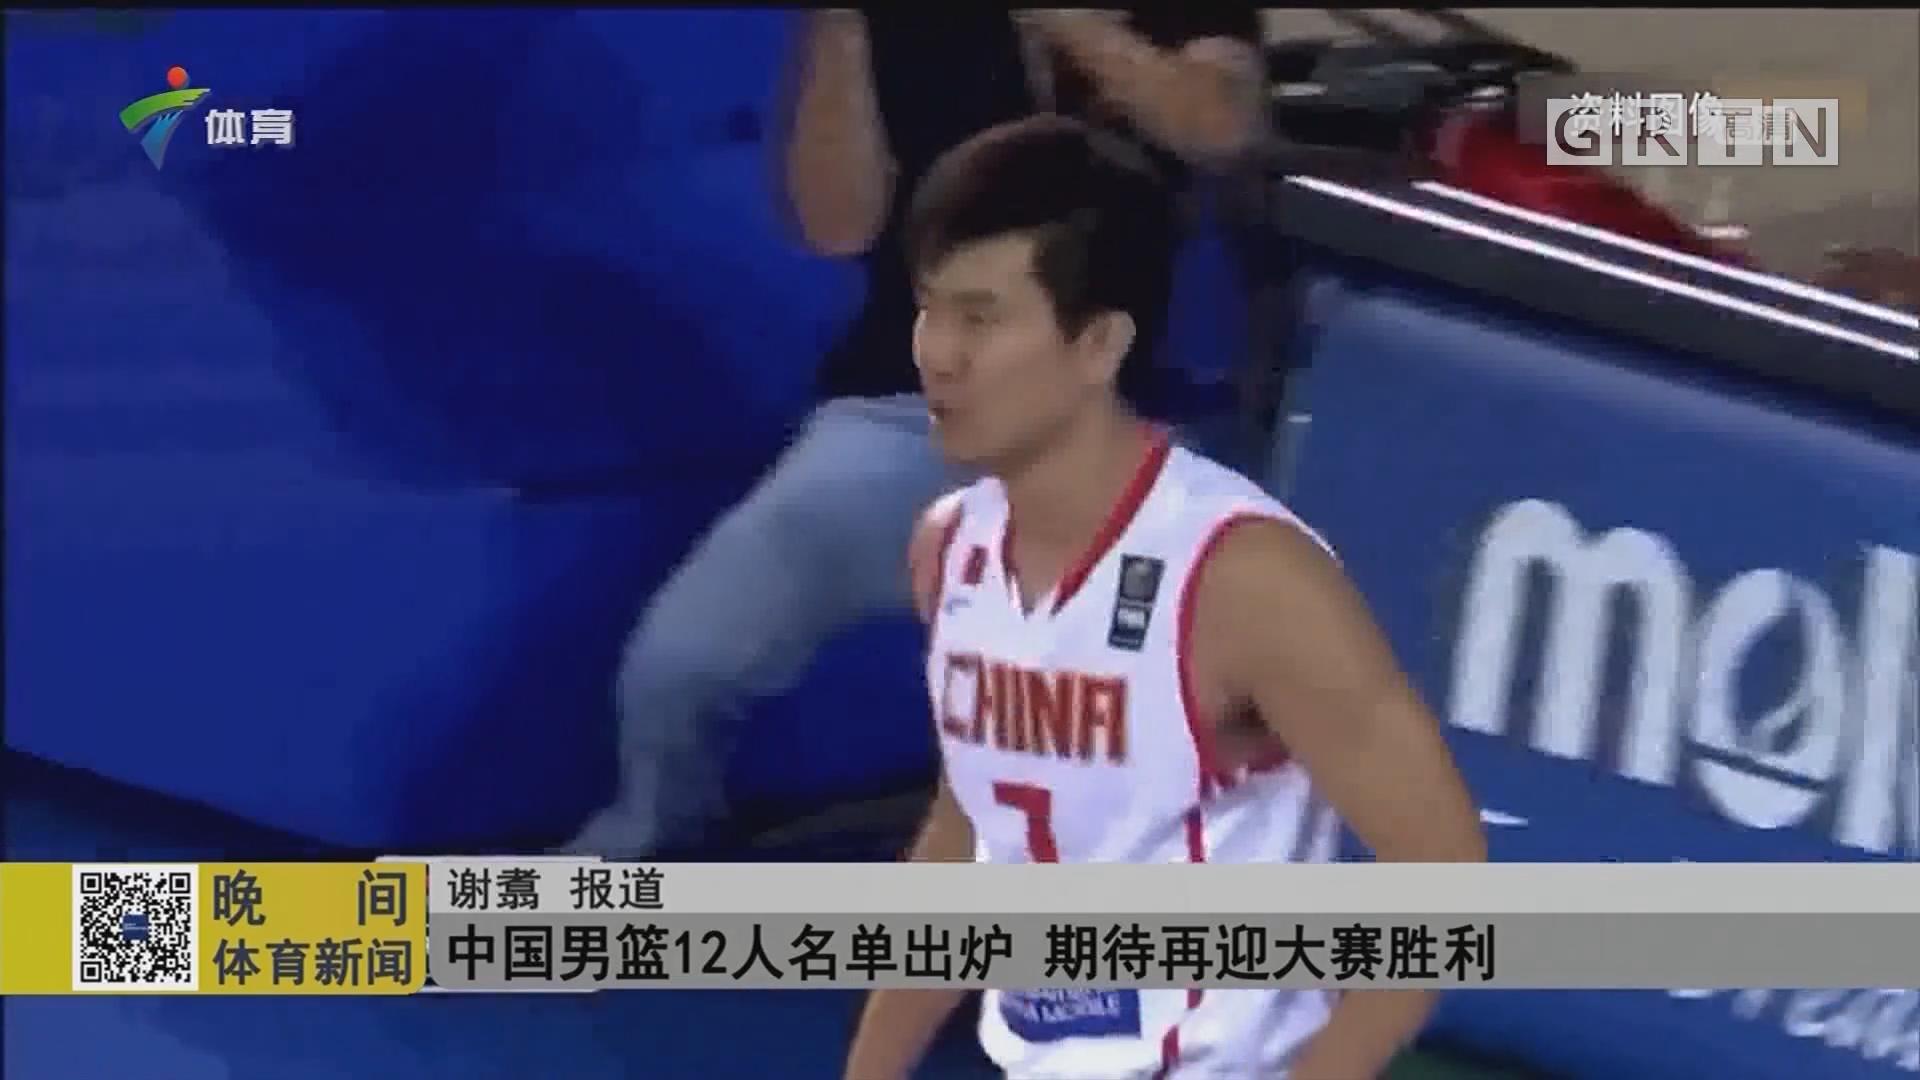 中国男篮12人名单出炉 期待再迎大赛胜利